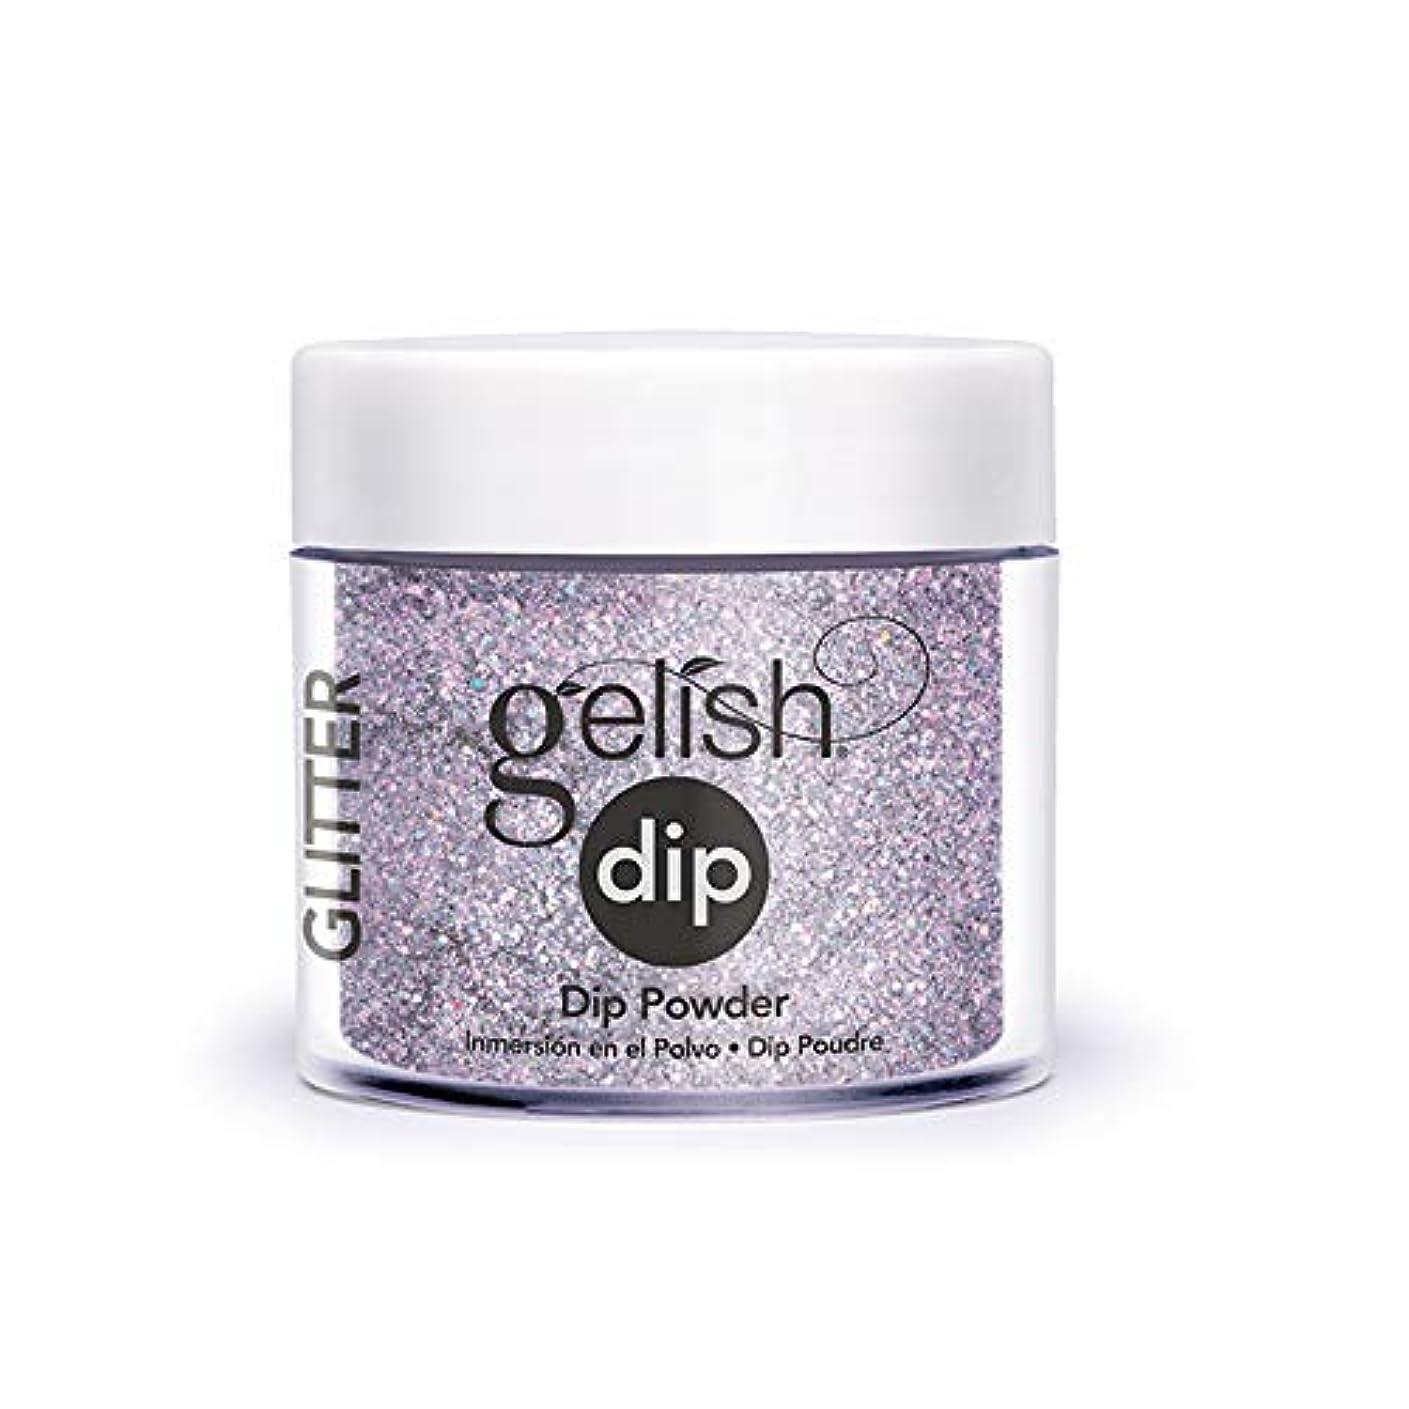 レンジラフ検索エンジン最適化Harmony Gelish - Acrylic Dip Powder - Make A Statement - 23g / 0.8oz